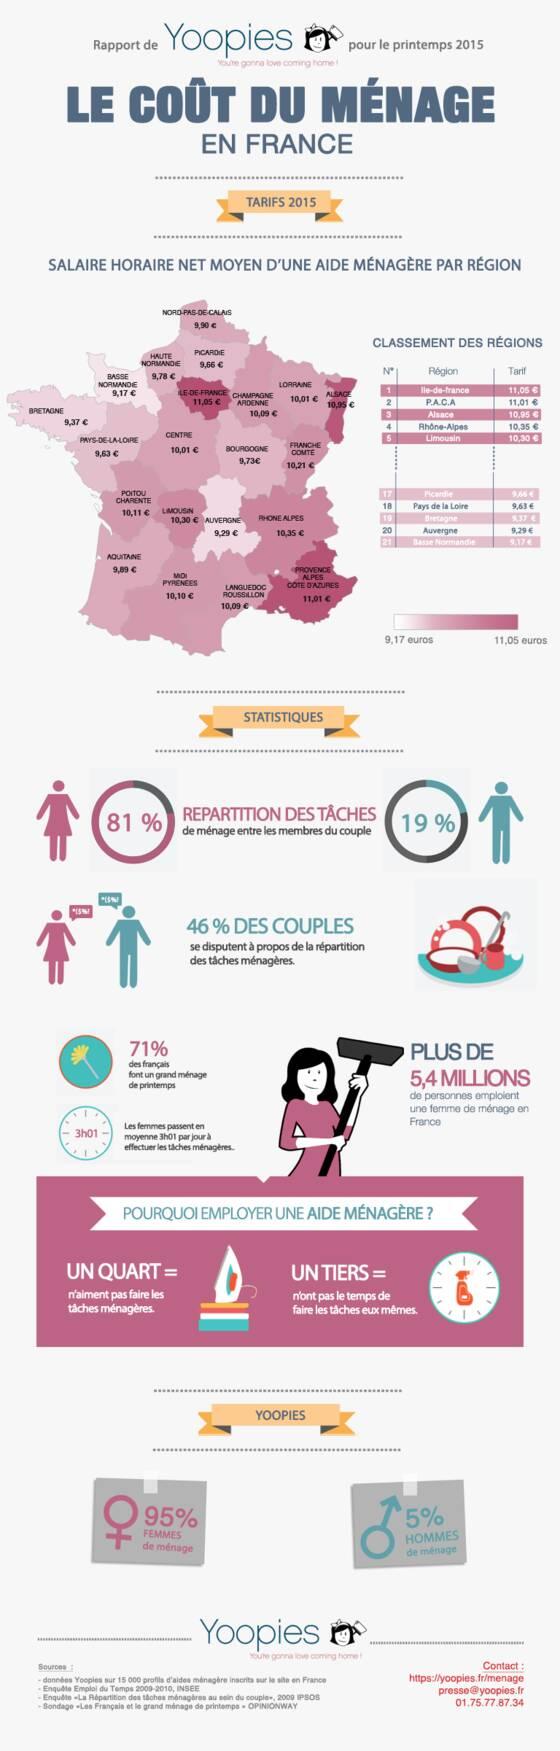 Combien faut-il payer une aide ménagère ? - Capital.fr